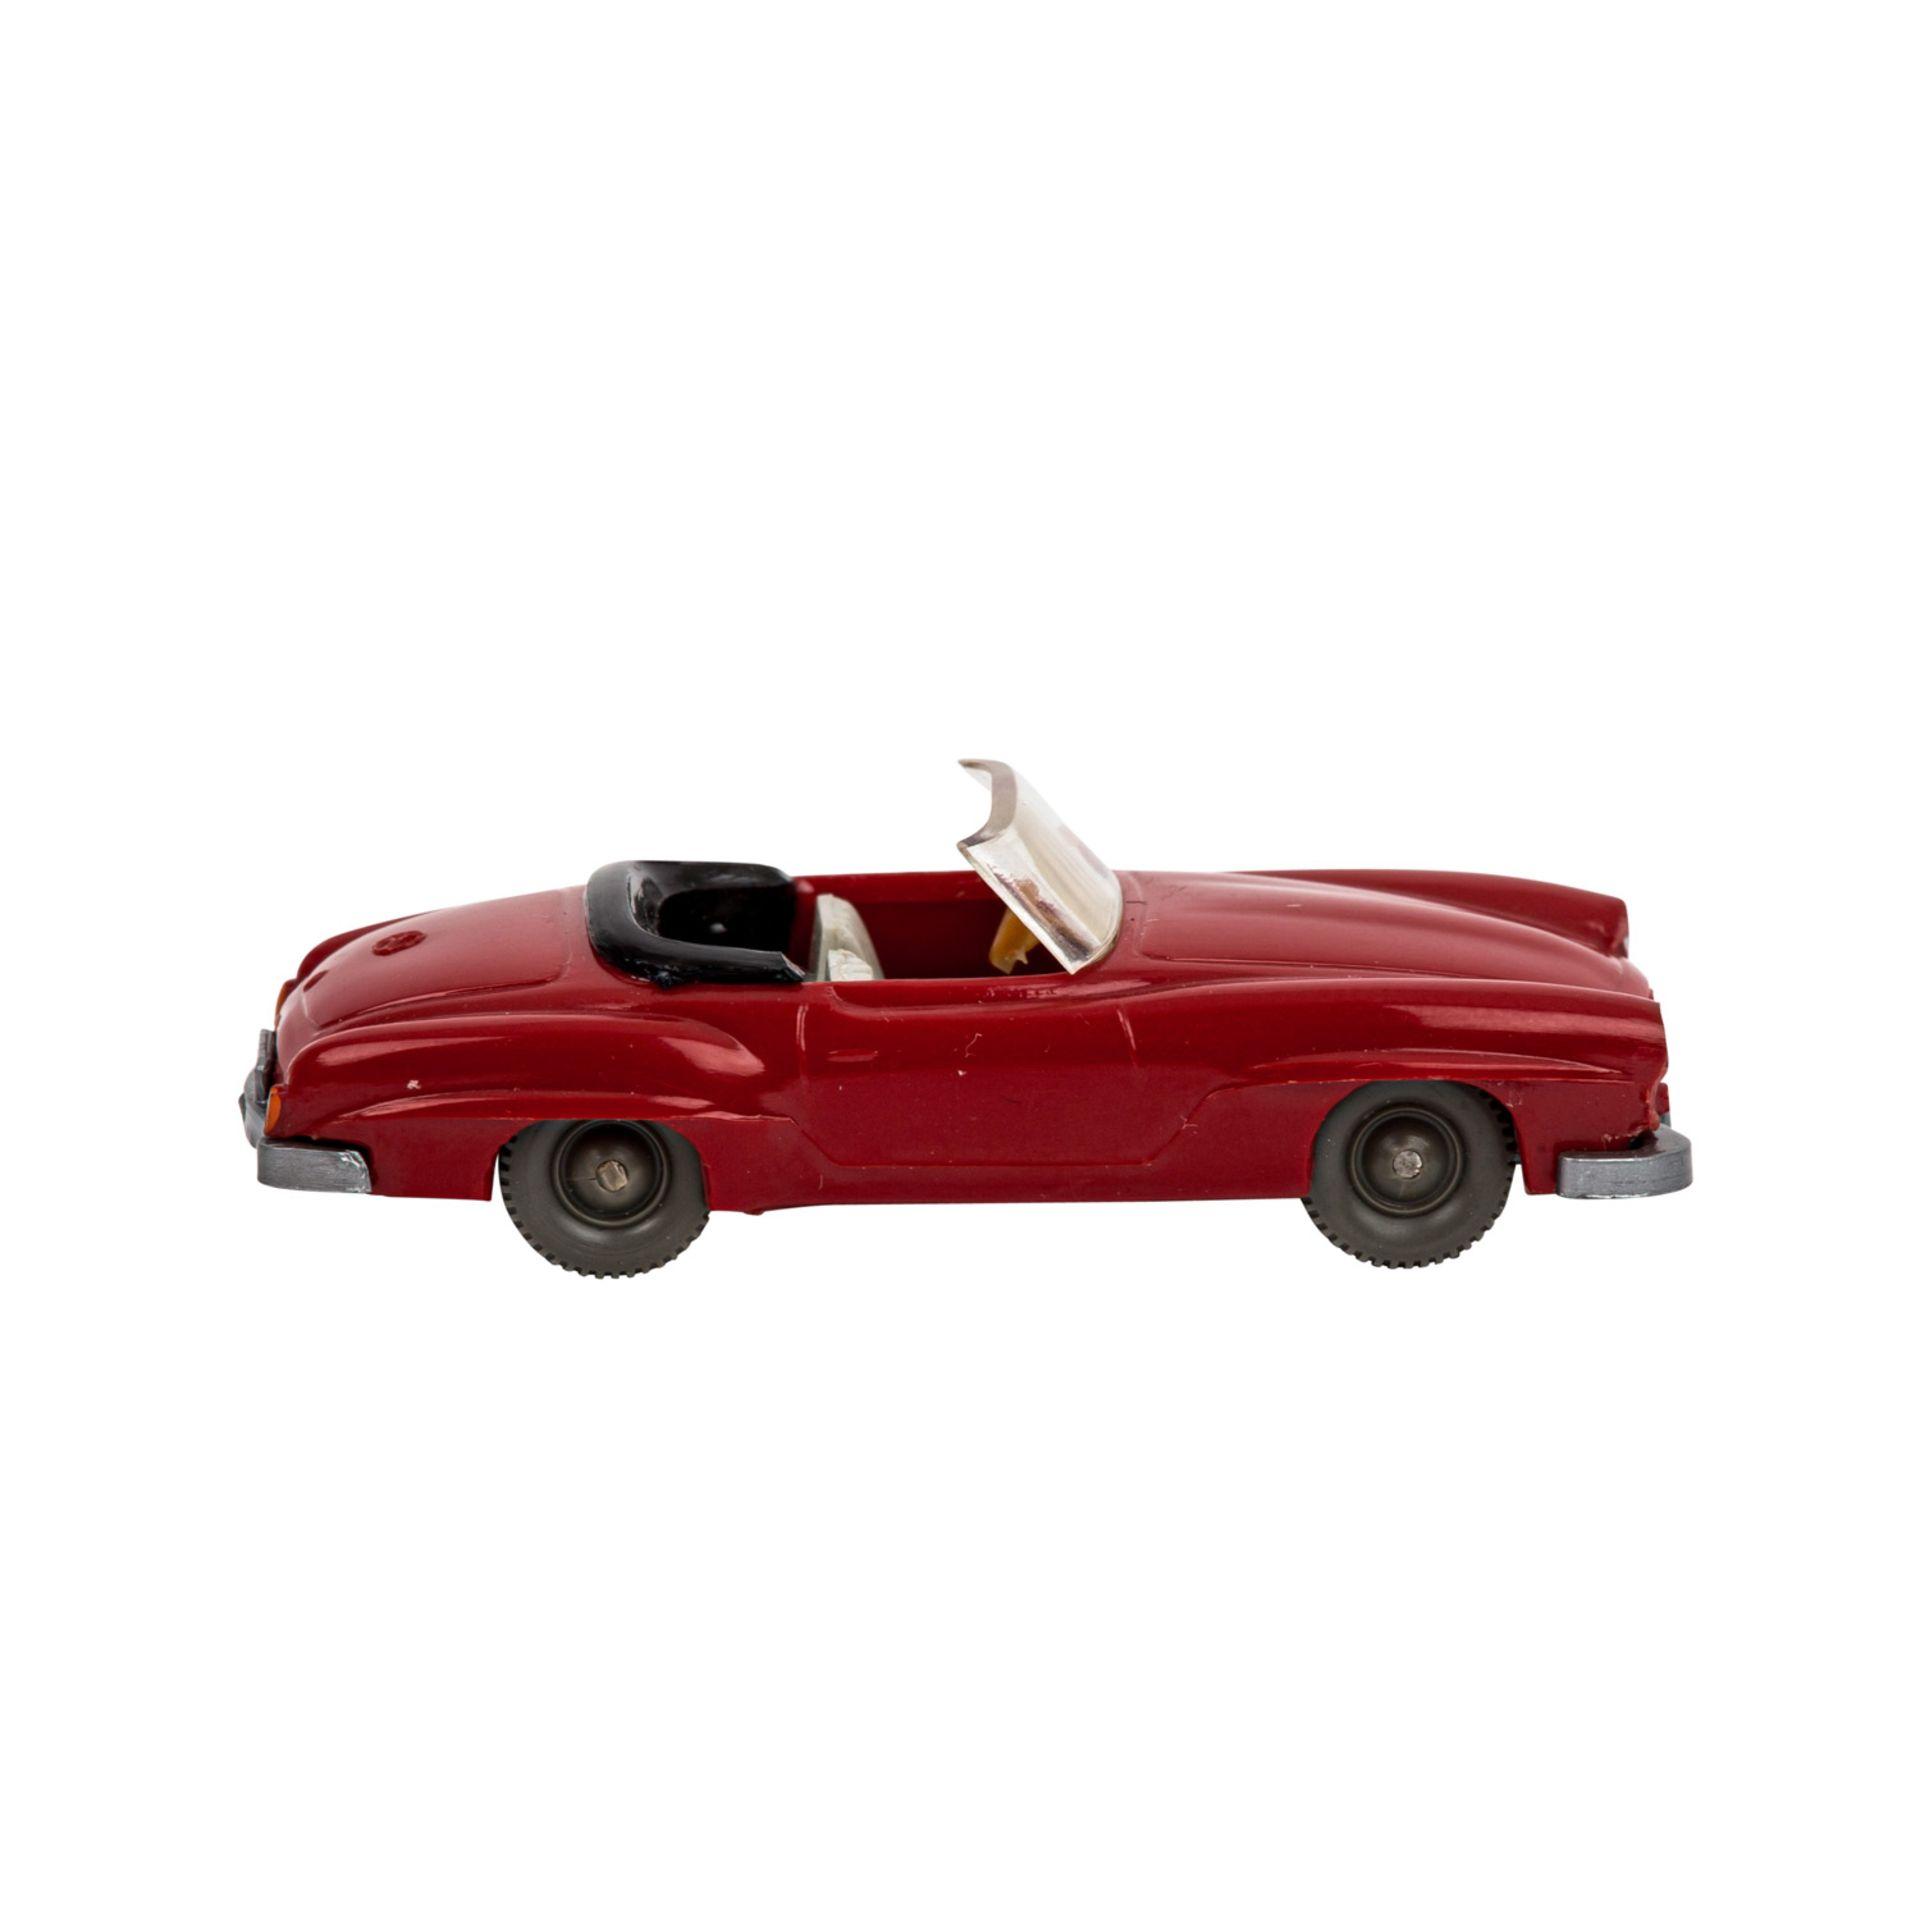 WIKING Mercedes 190 SL Cabrio, 1962-64, rote Karosserie, schwarzes Verdeck mit grauweißer - Image 4 of 5